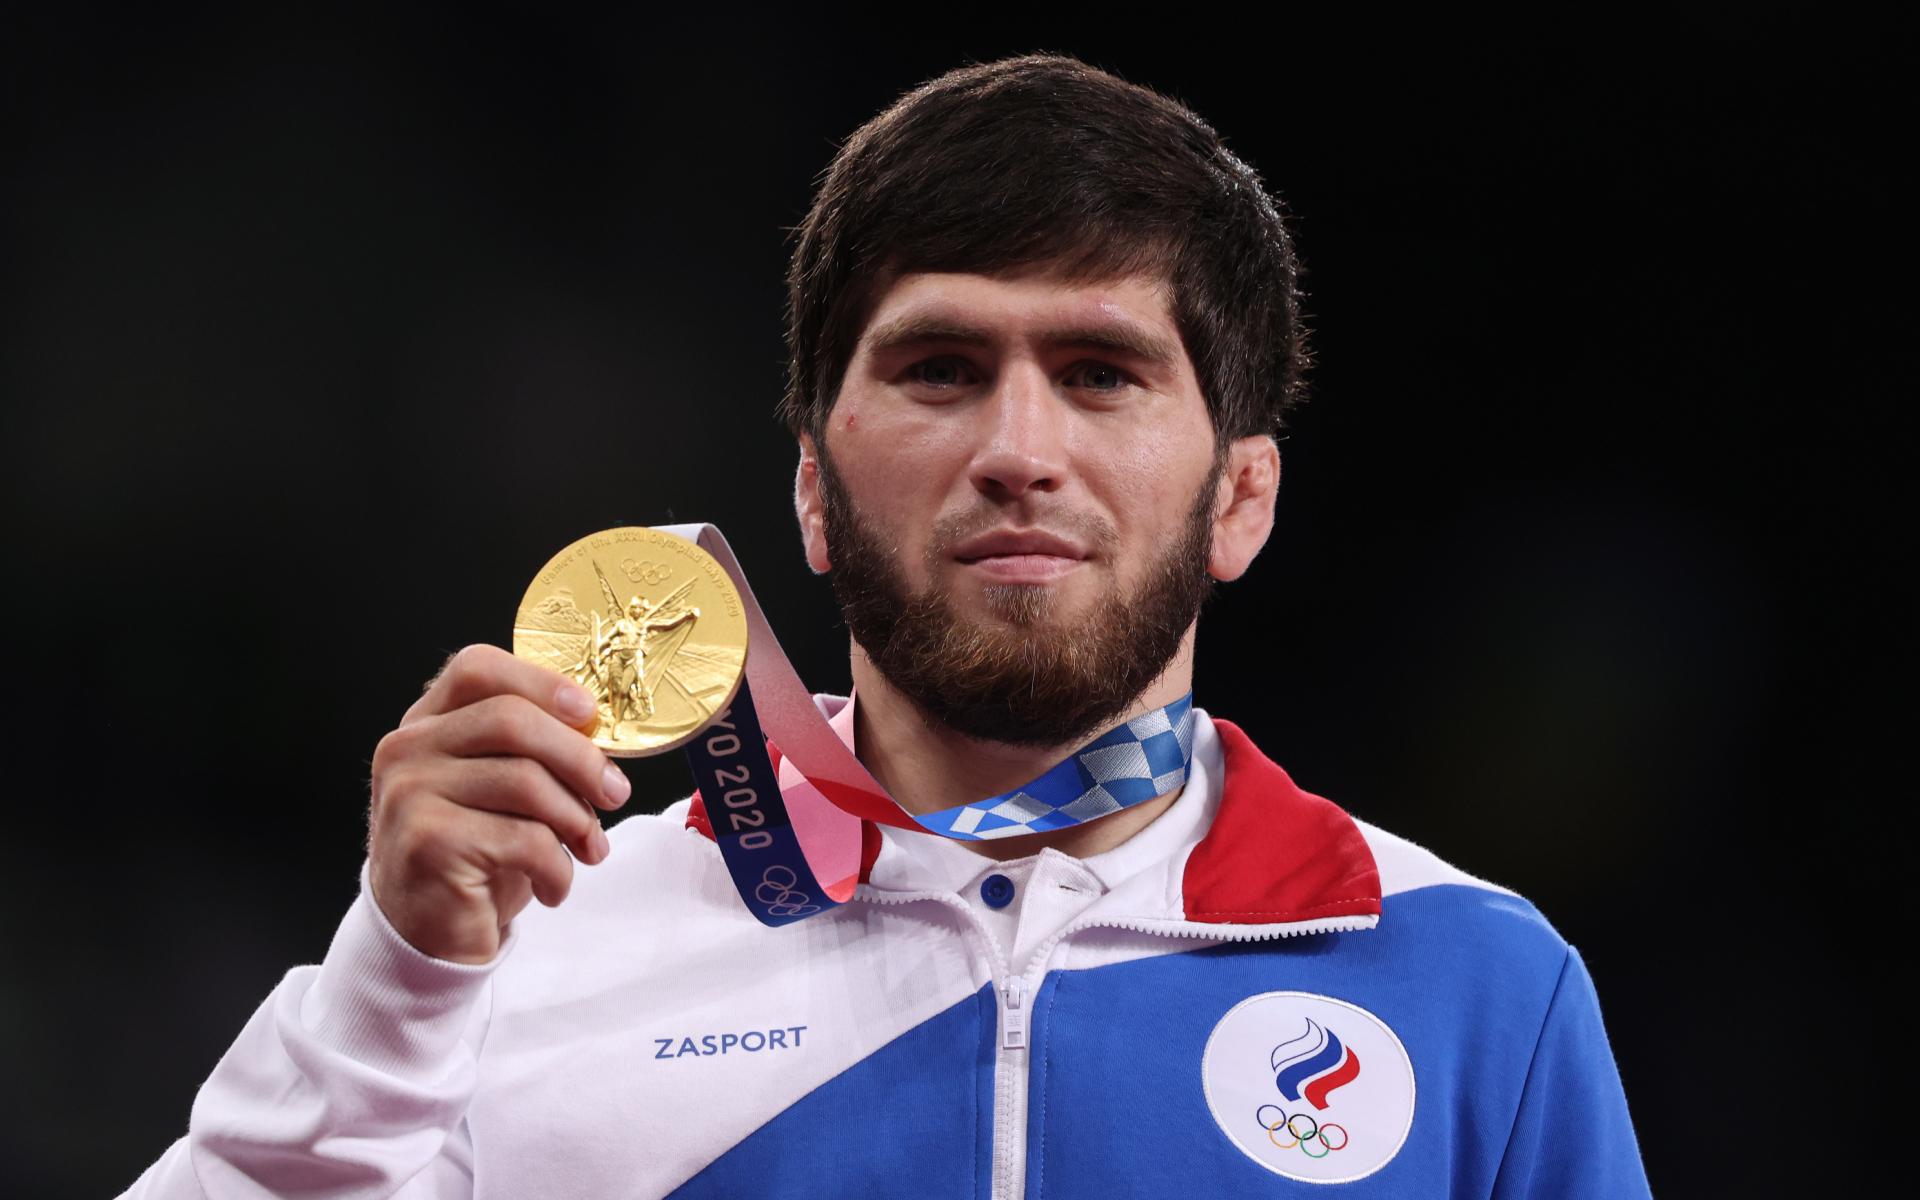 Фото: Олимпийский чемпион по вольной борьбе Заур Угуев (Станислав Красильников/ТАСС)